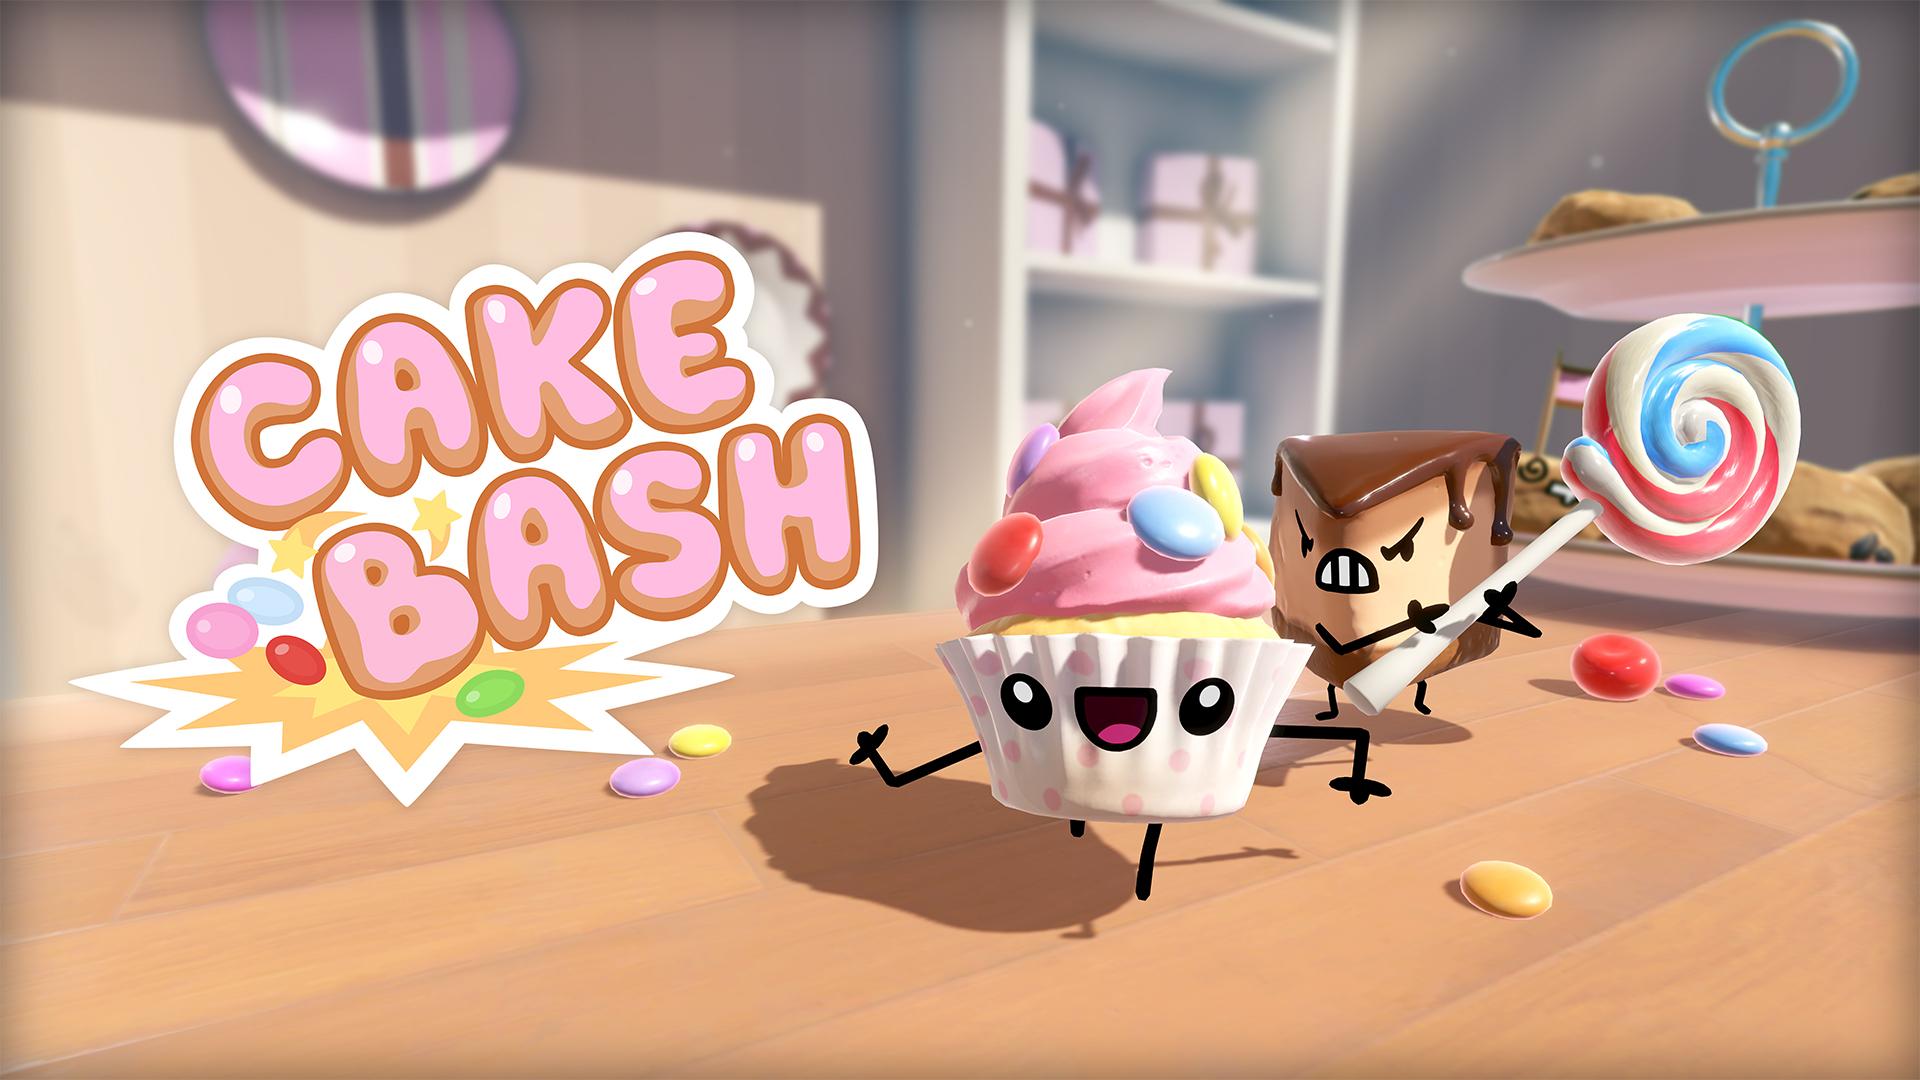 cake bash eshop mexico para nintendo switch